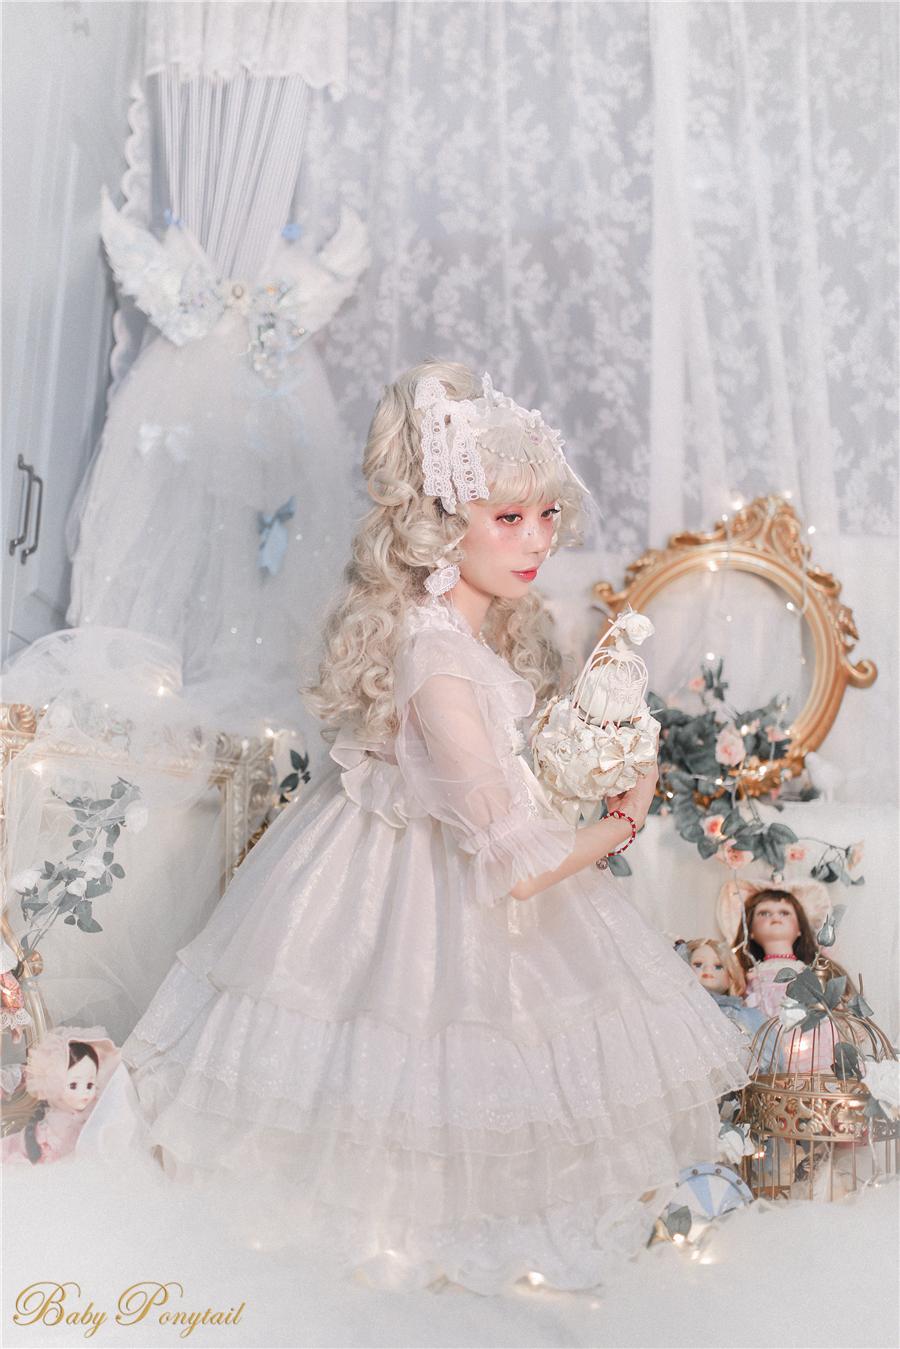 Babyponytail_Model Photo_Present Angel_JSK white_2_Kaka_07.jpg